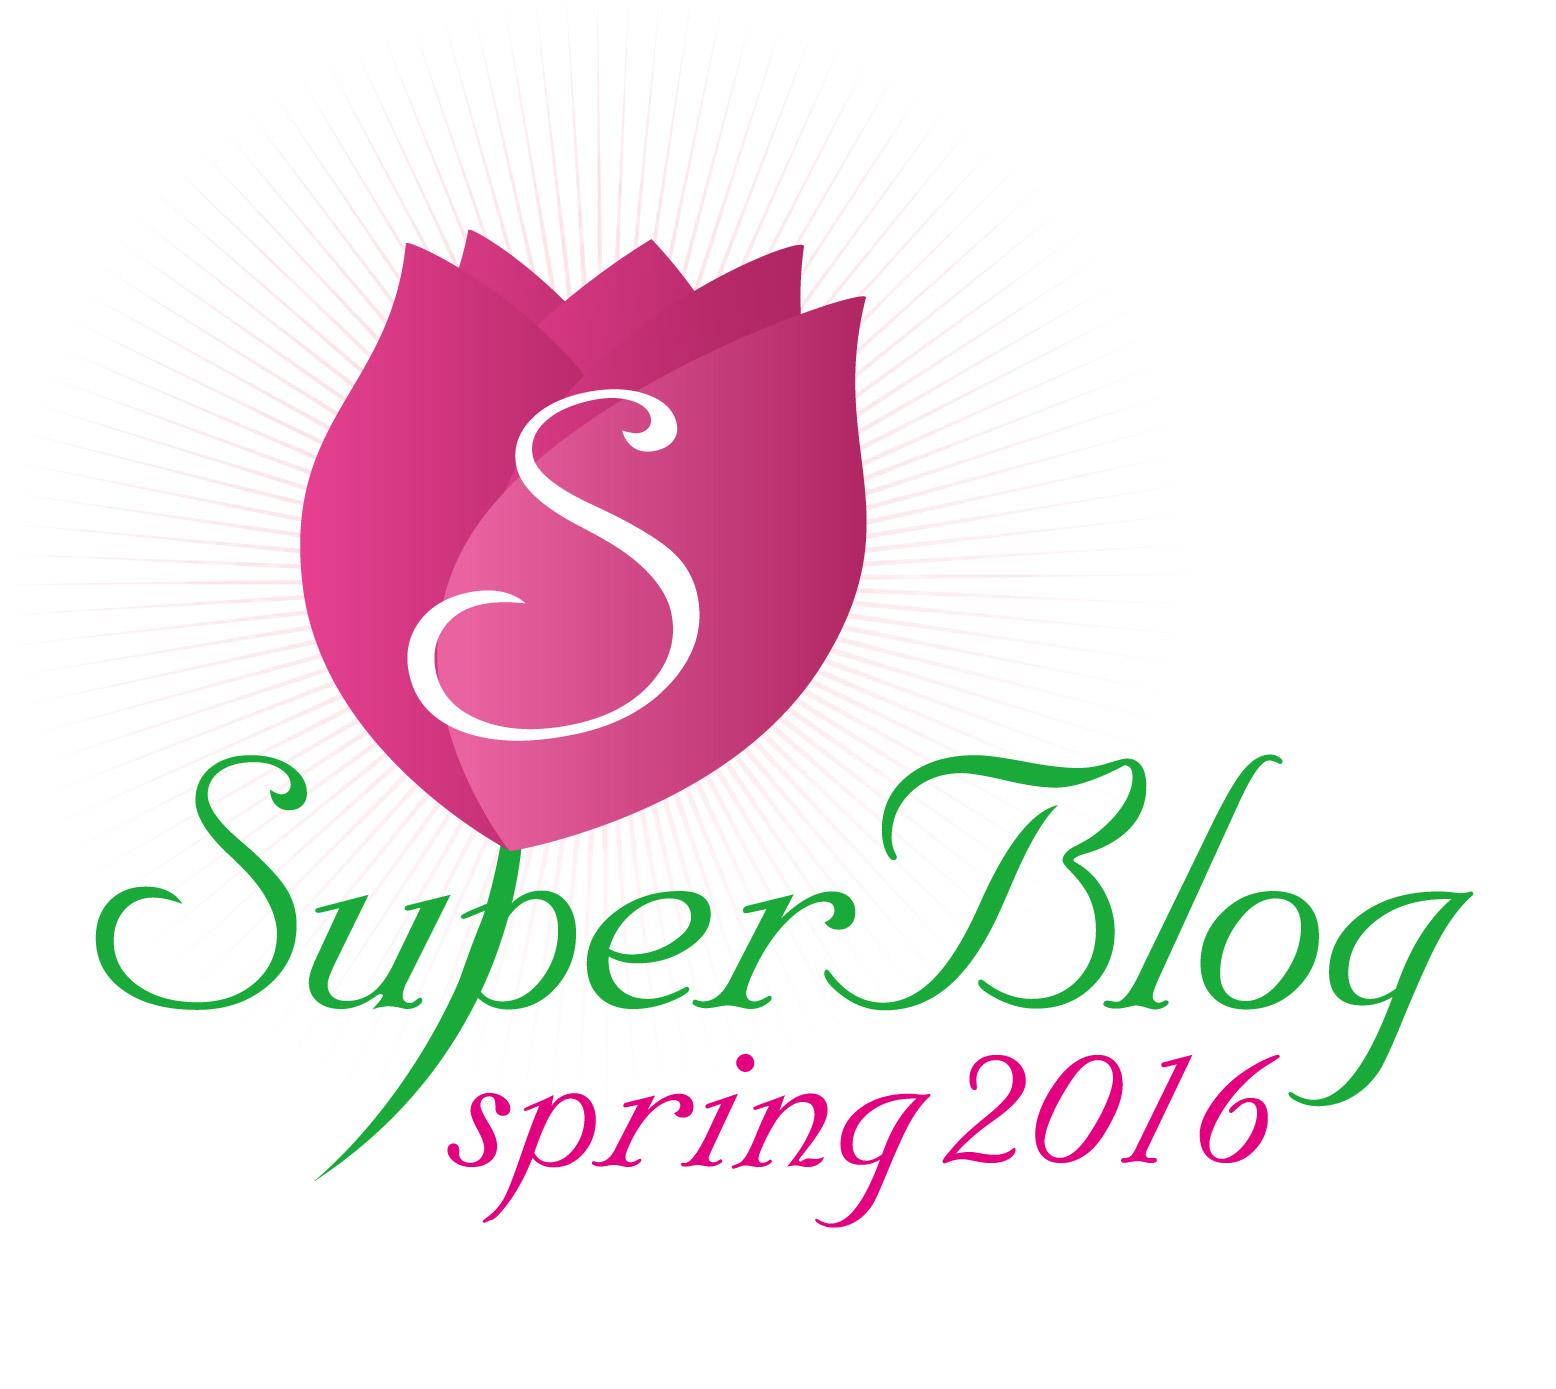 Spring SuperBlog 2016, START!